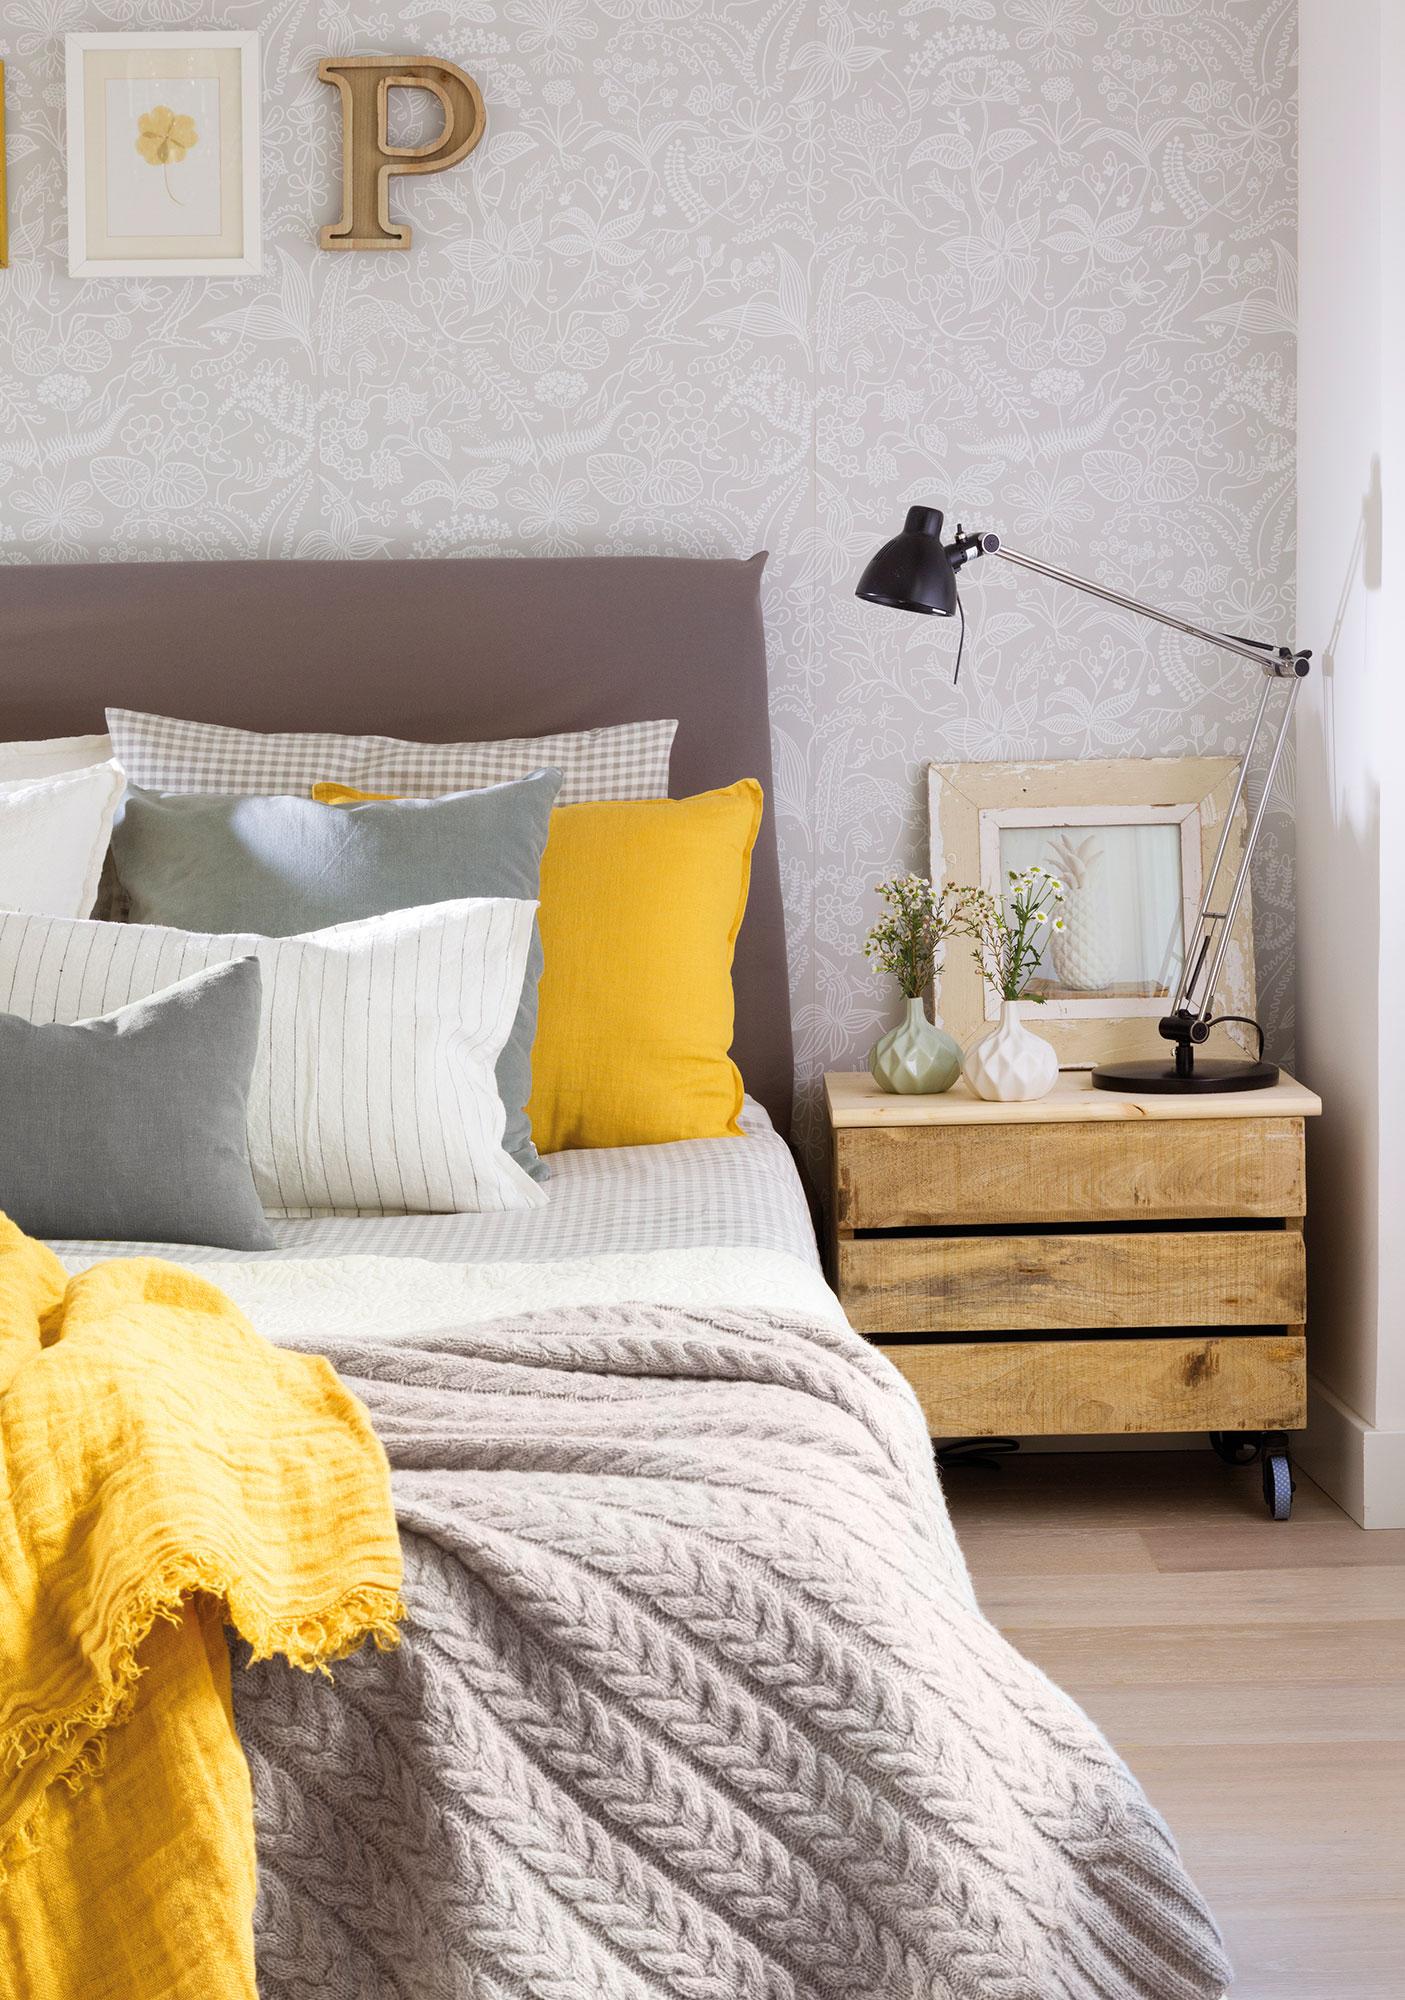 10 cosas que te hacen infeliz en casa - Dormitorio con papel pintado ...